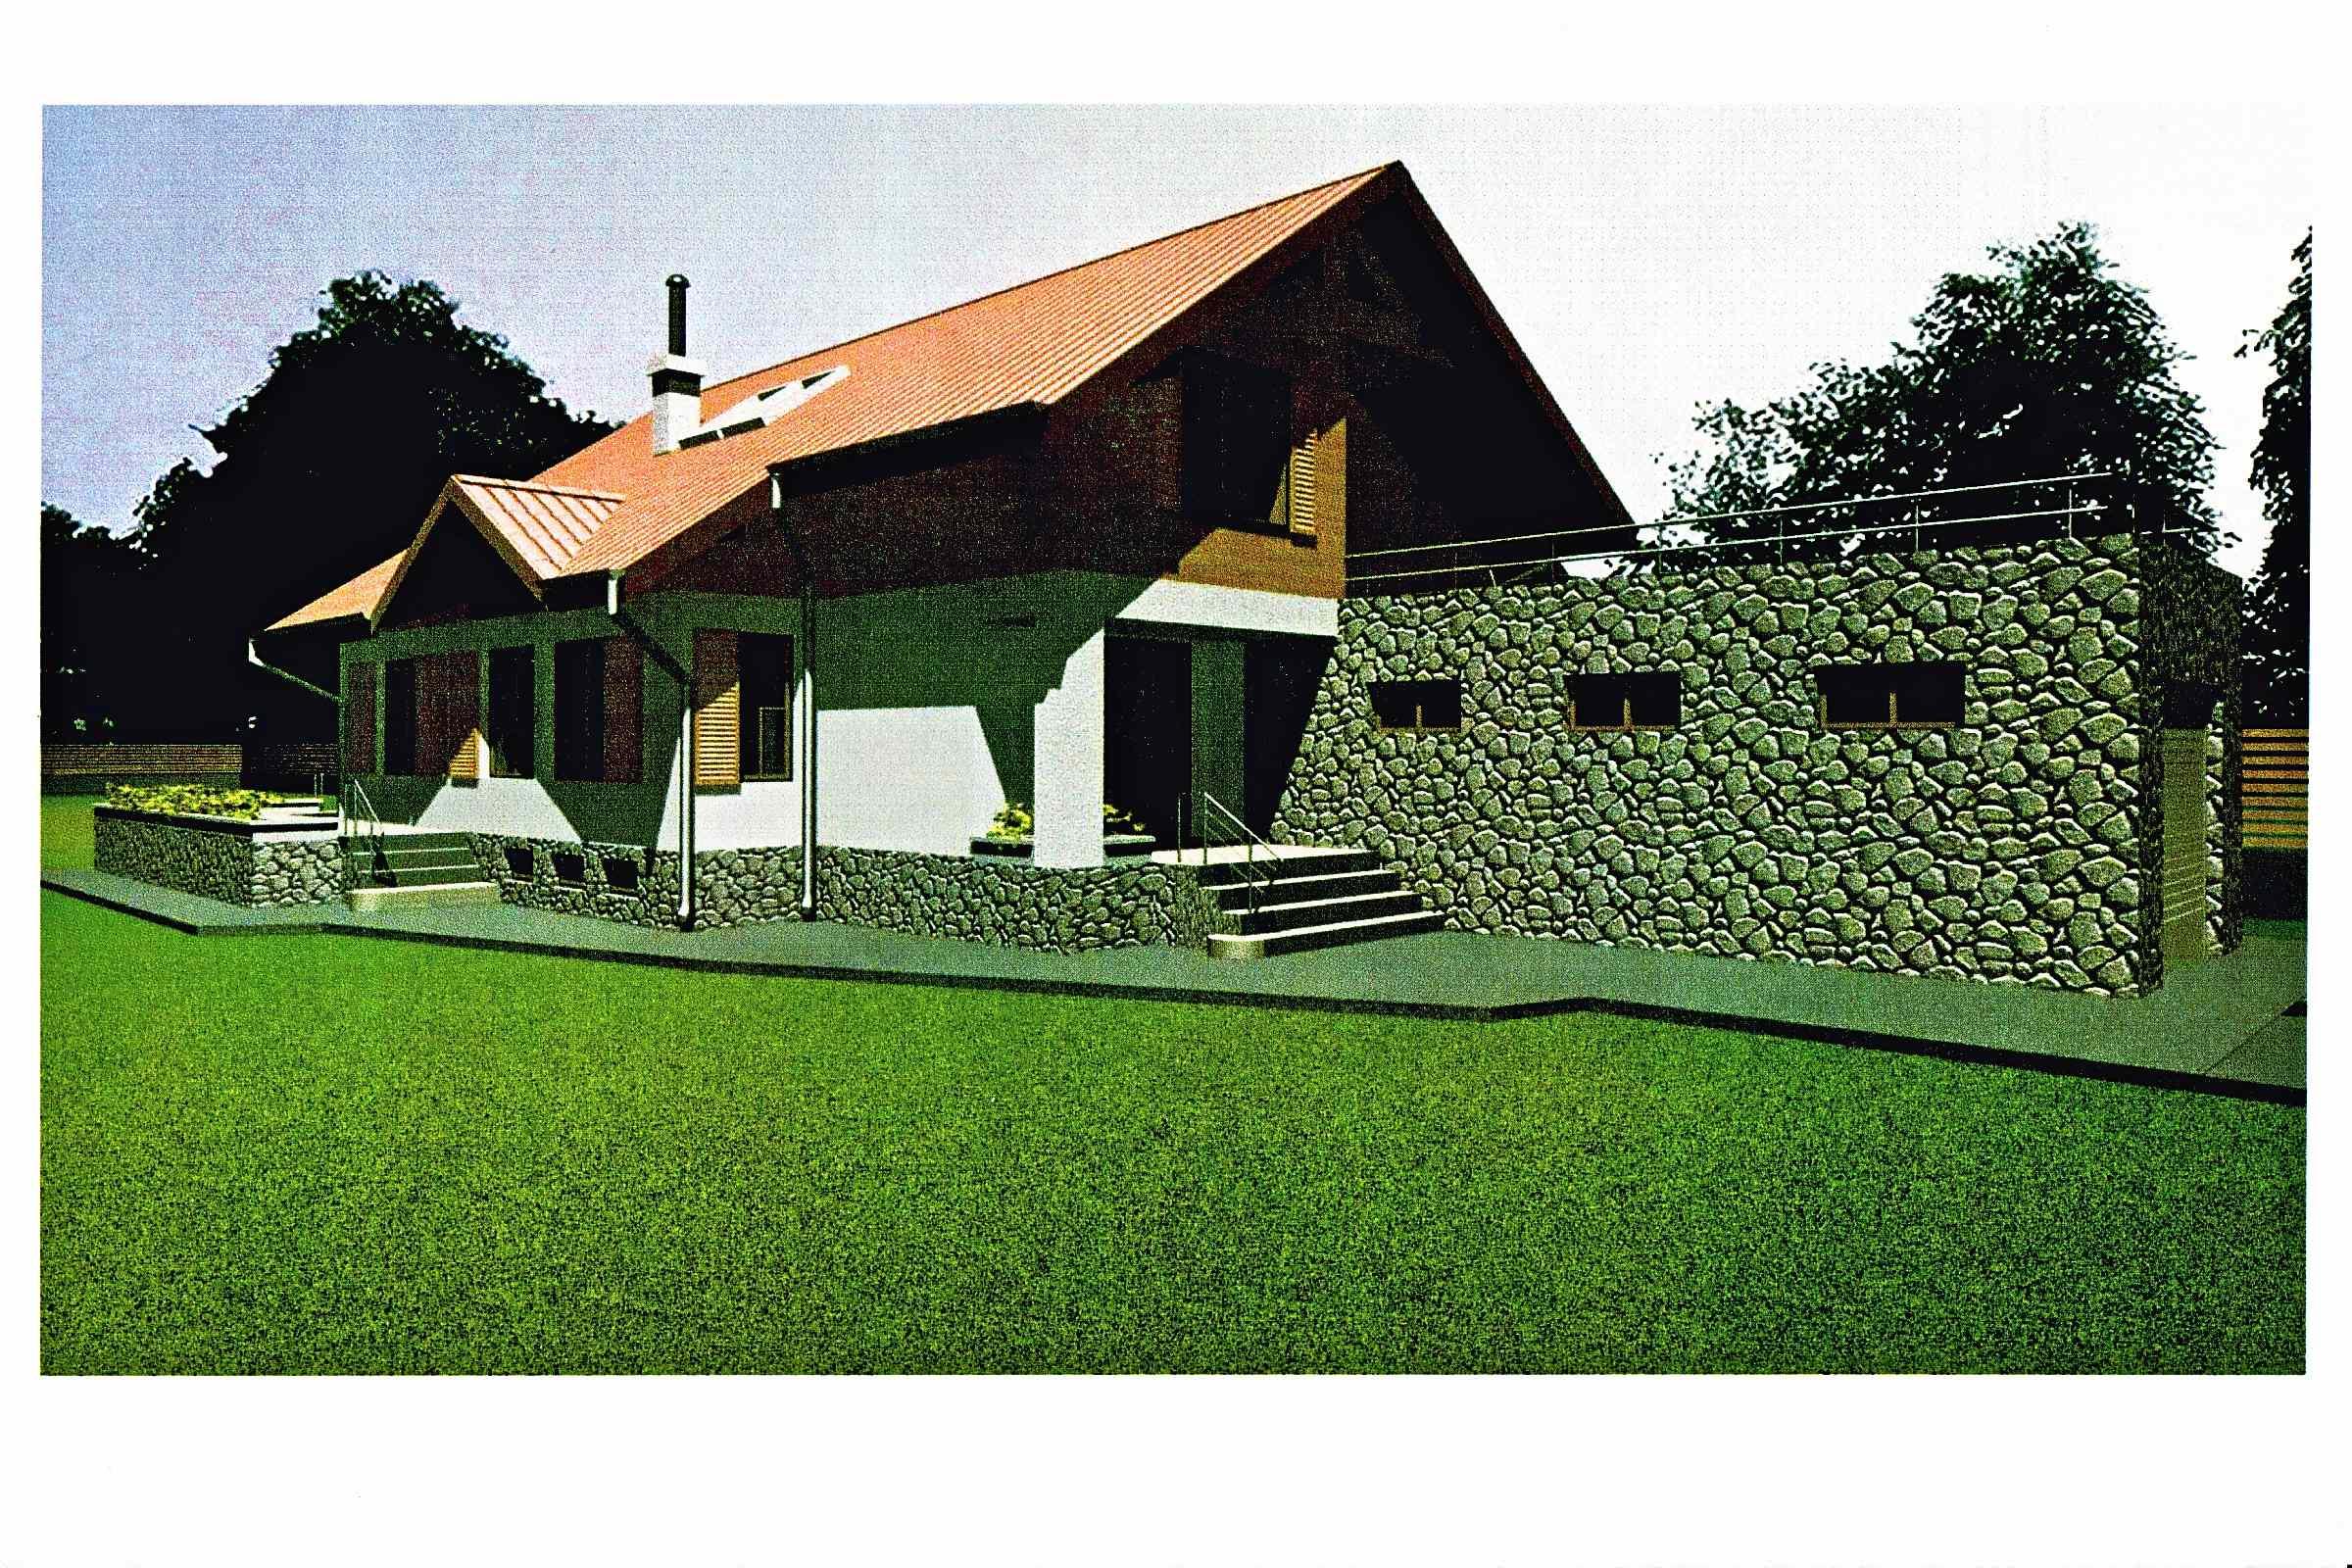 Casa de vacanta, Gruiu, Ialomita  - Poza 4